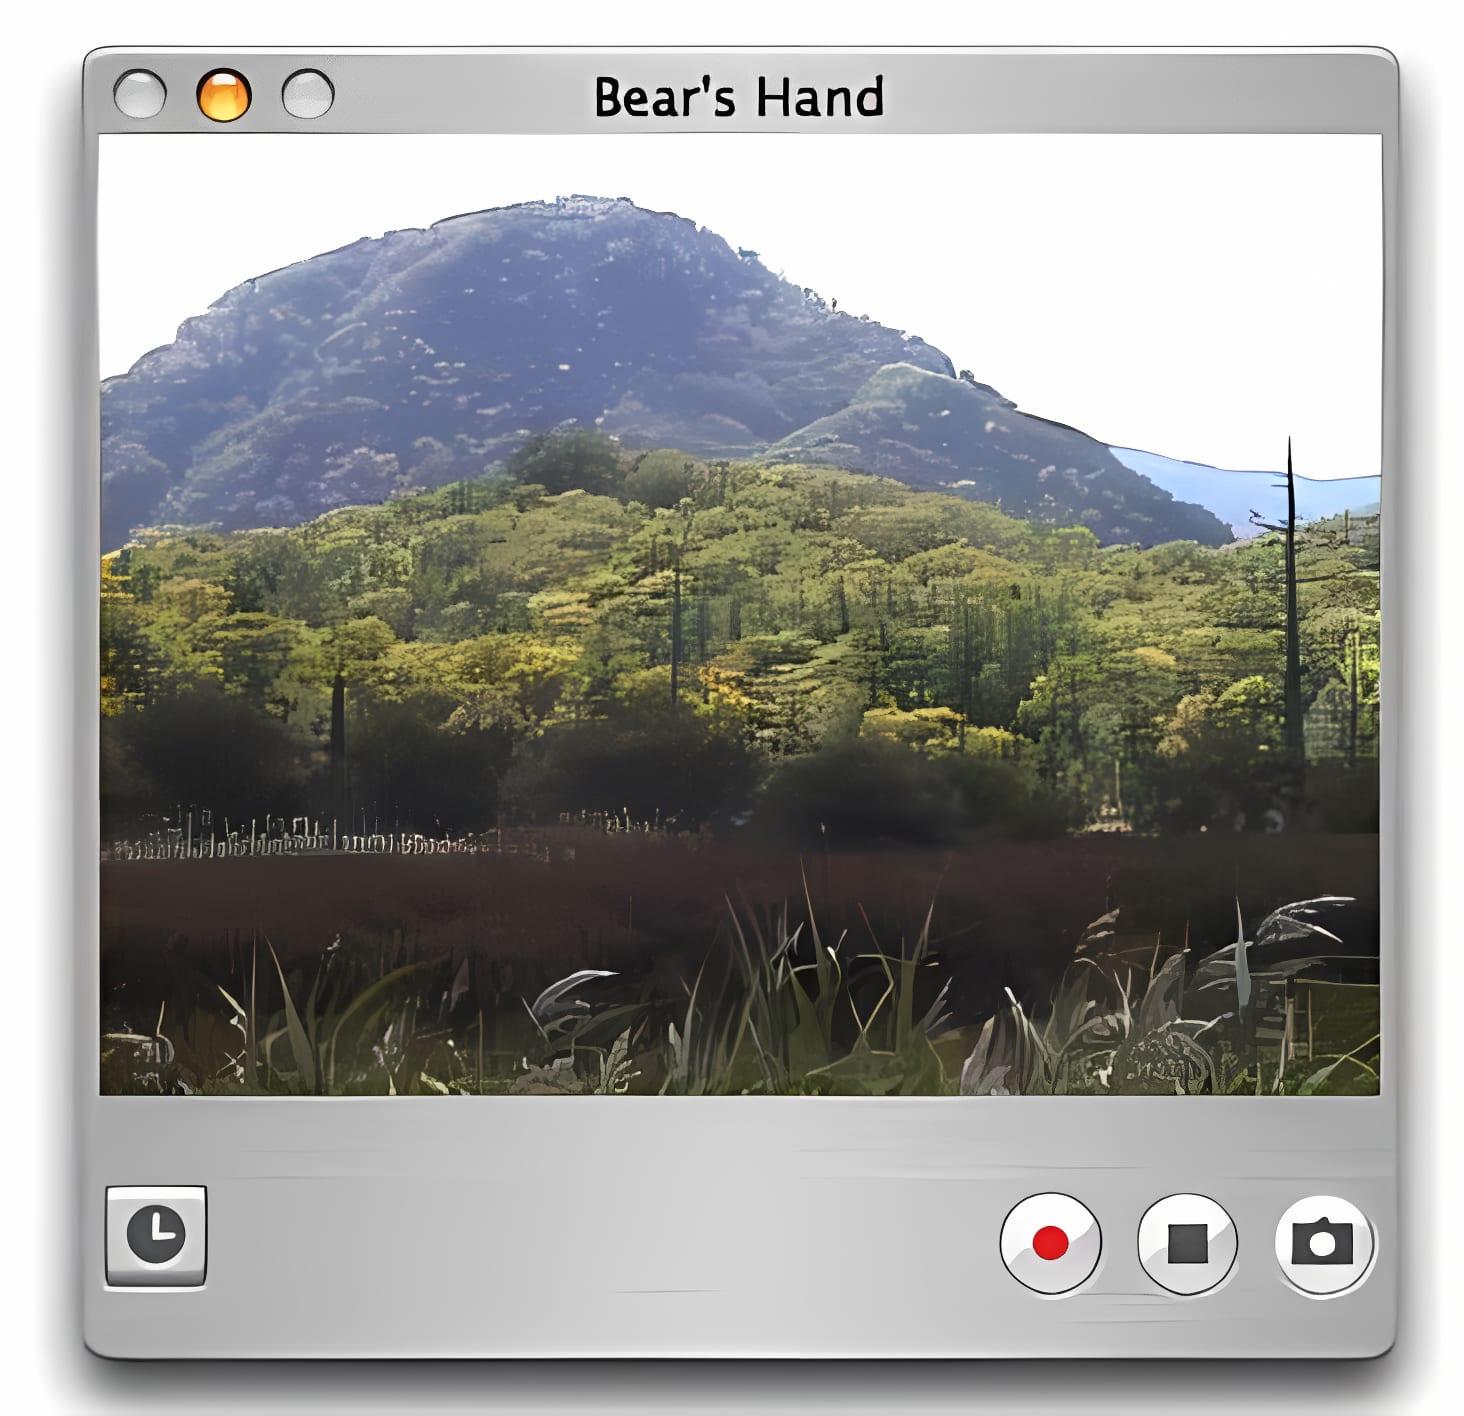 Bears Hand